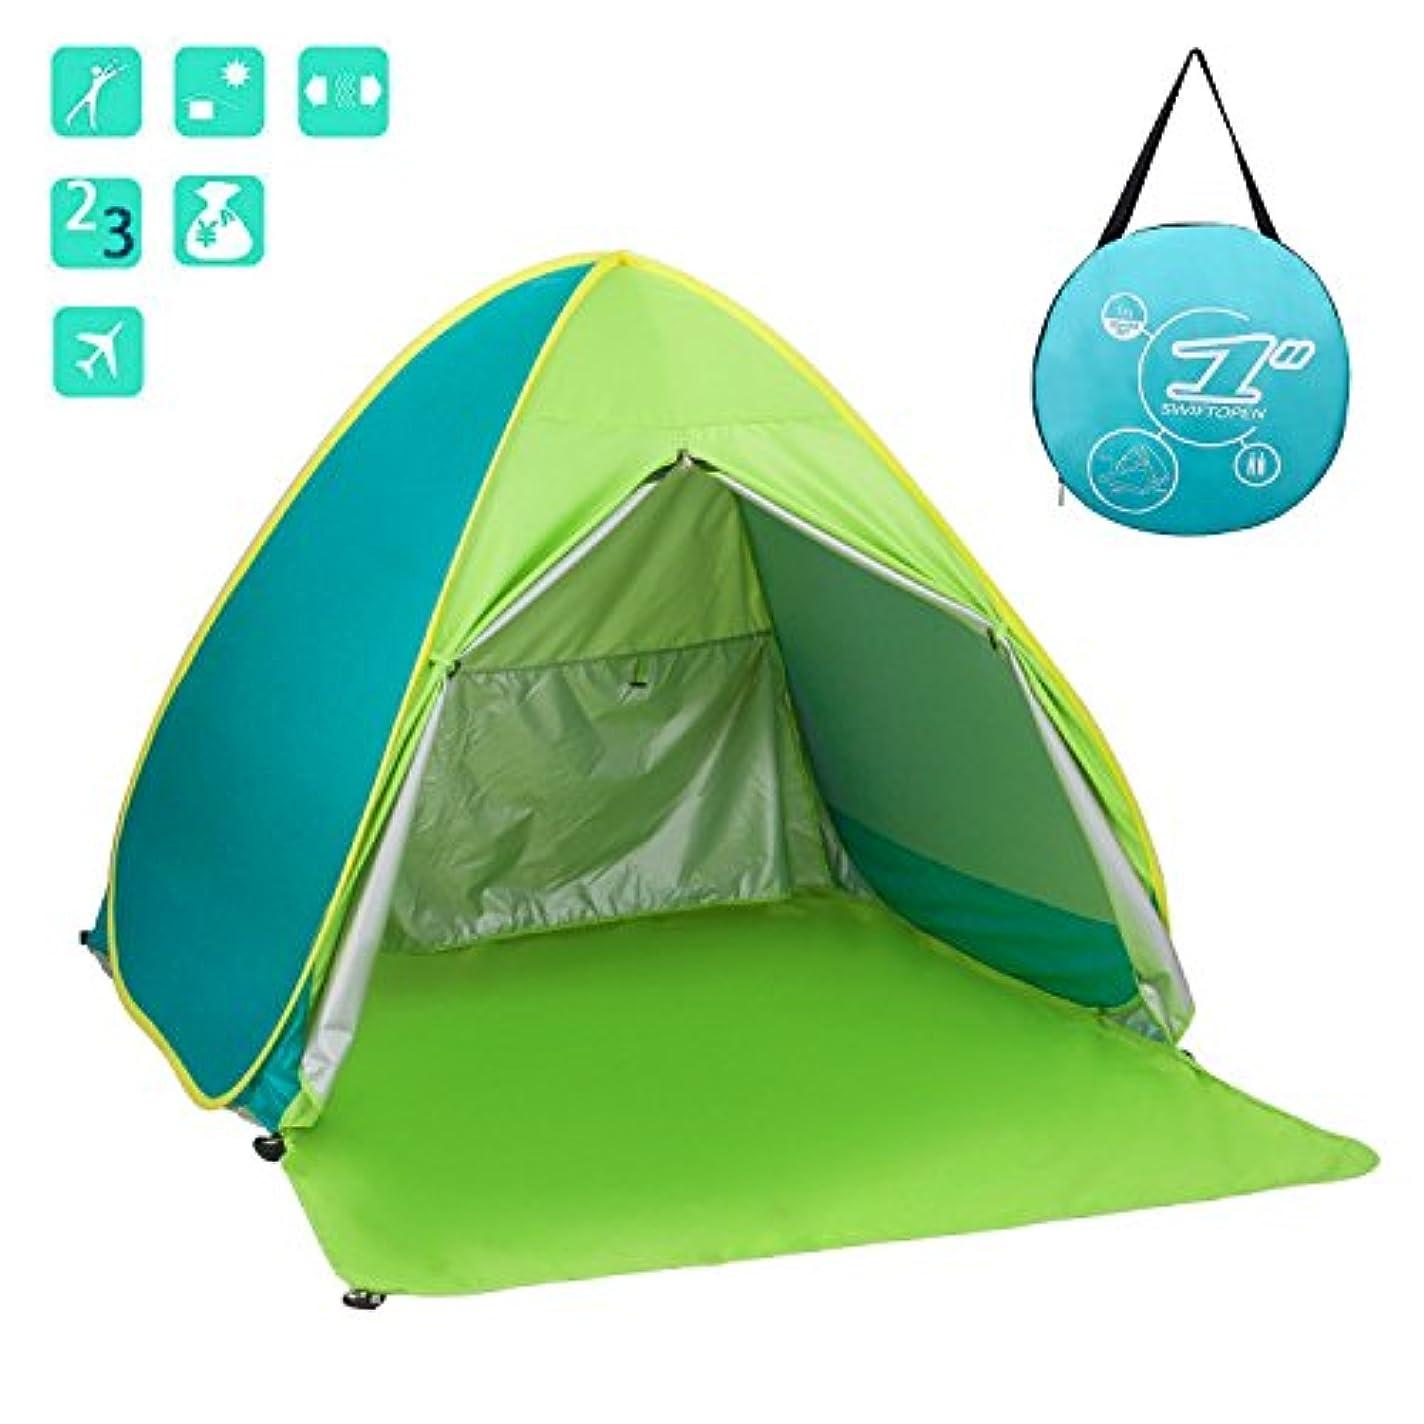 振り子アルコールたまにワンタッチ テント サンシェードテント Aandyou 日除けUV50+ カーテン付き 2-3人用 超軽量 防水 通気性抜群 アウトドアキャンプ用品 キャリーバッグ付き